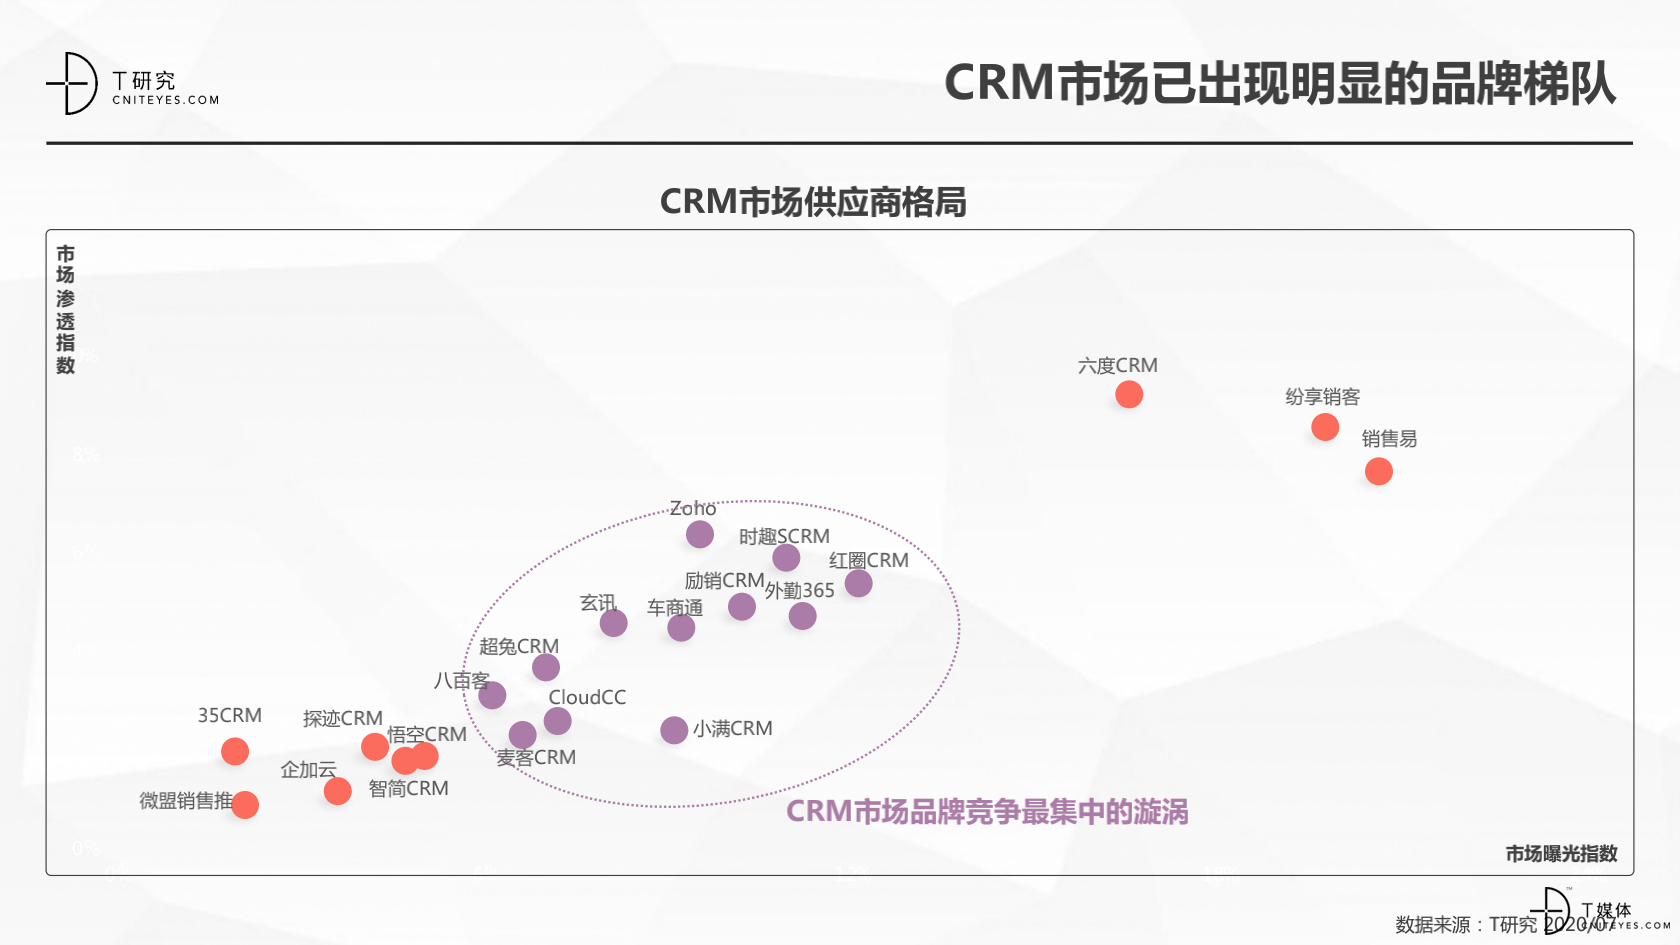 2_2020中国CRM指数测评报告v1.5_07.png